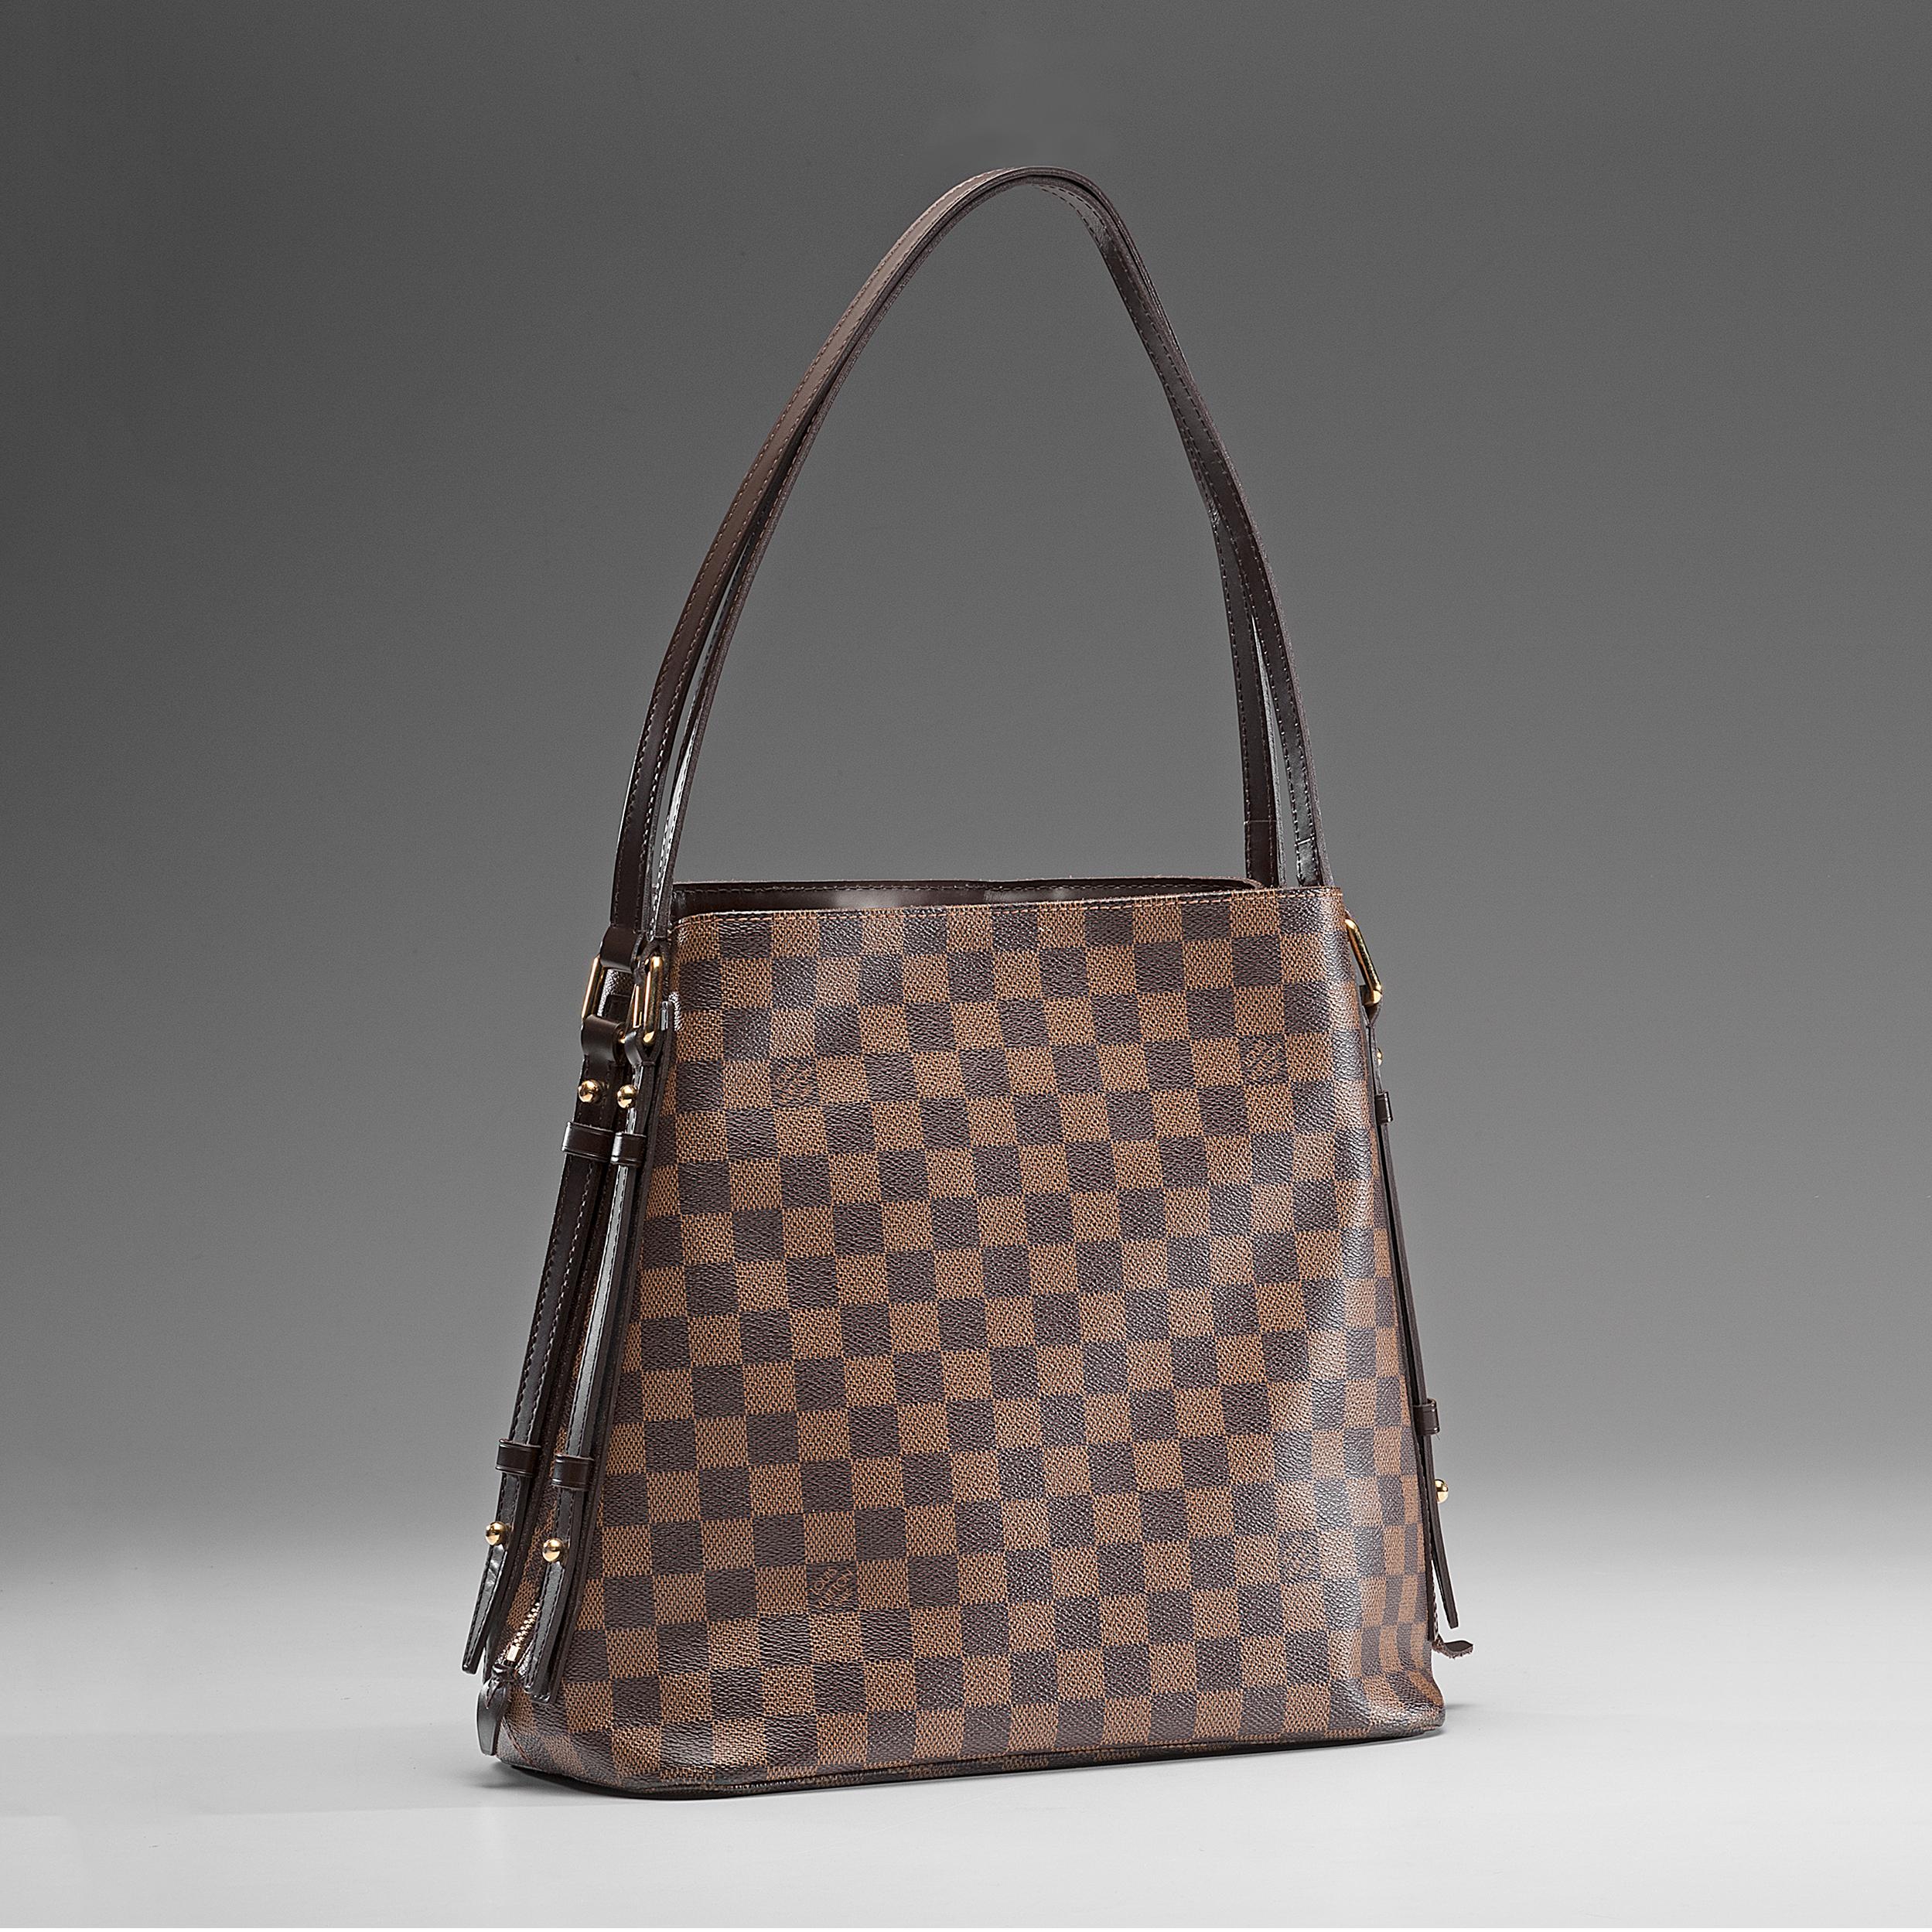 5f87acbdc74 Louis Vuitton Damier Ebene Cabas Rivington Shoulder Bag   Cowan s ...